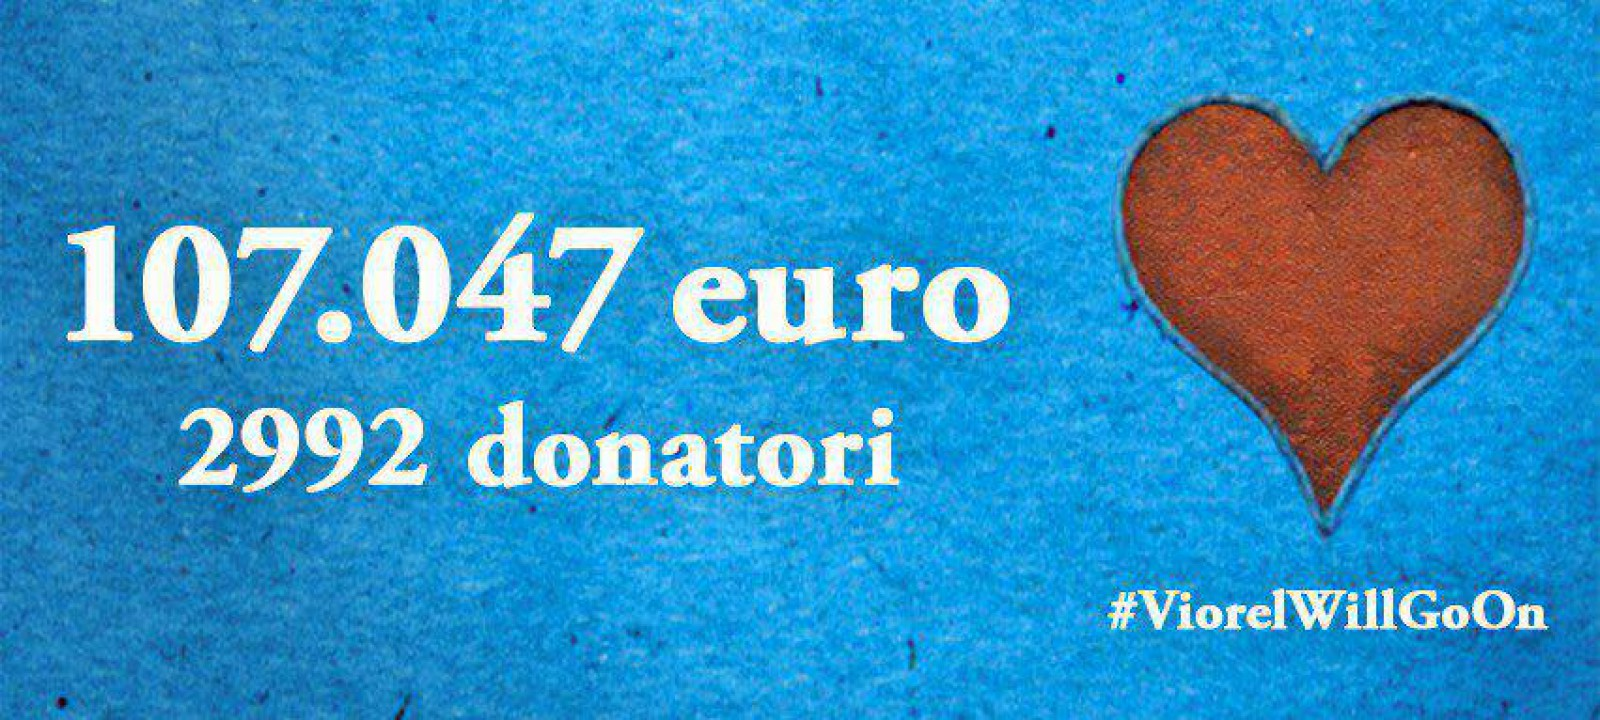 Gest de solidarizare incredibil: Campania ViorelMustGoOn a adunat toată suma necesară de bani în mai puțin de două zile